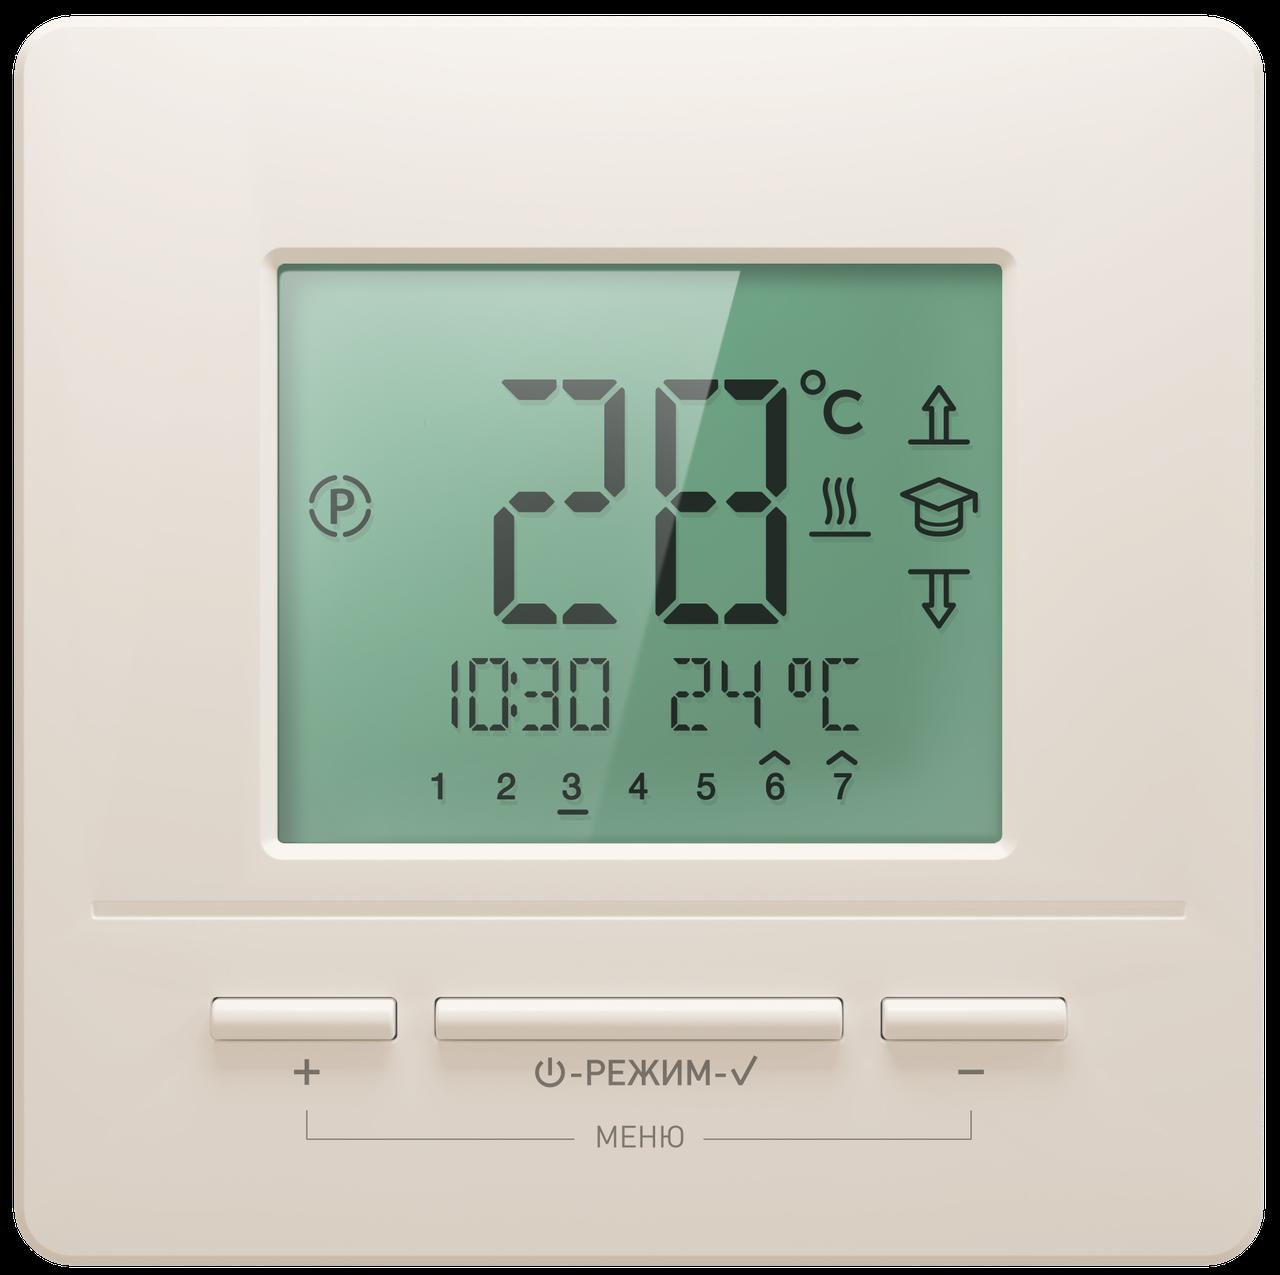 Терморегулятор для водяного теплого пола: устройство, принцип действия,подключение